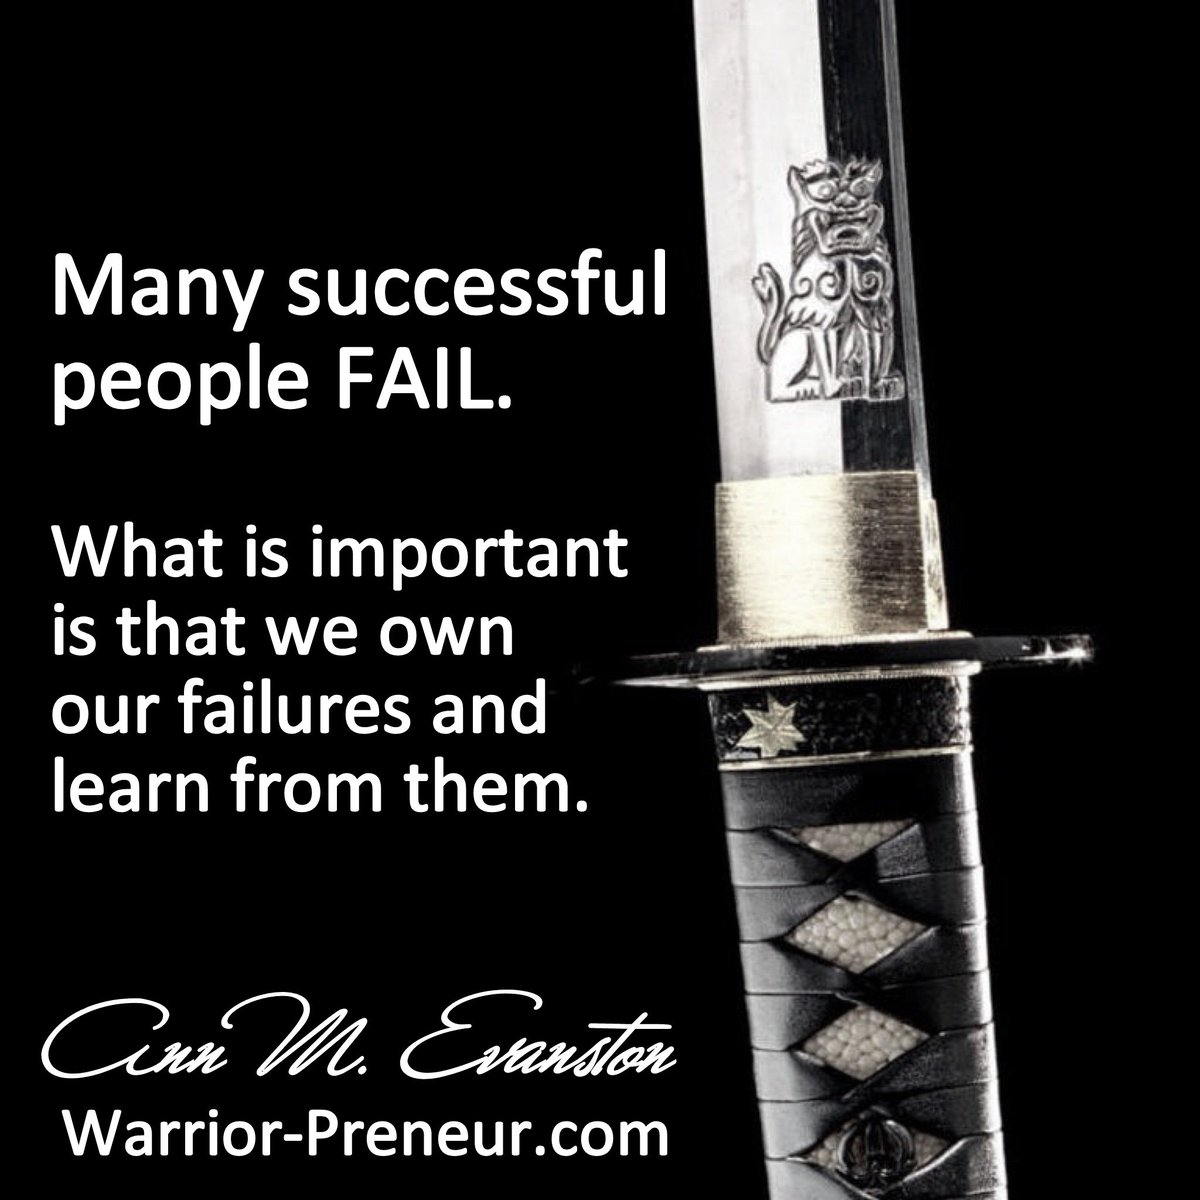 Failure is an Option - Ann Evanston | Warrior-Preneur - https://t.co/wzkmKoAdYG https://t.co/lkidaTAL8r